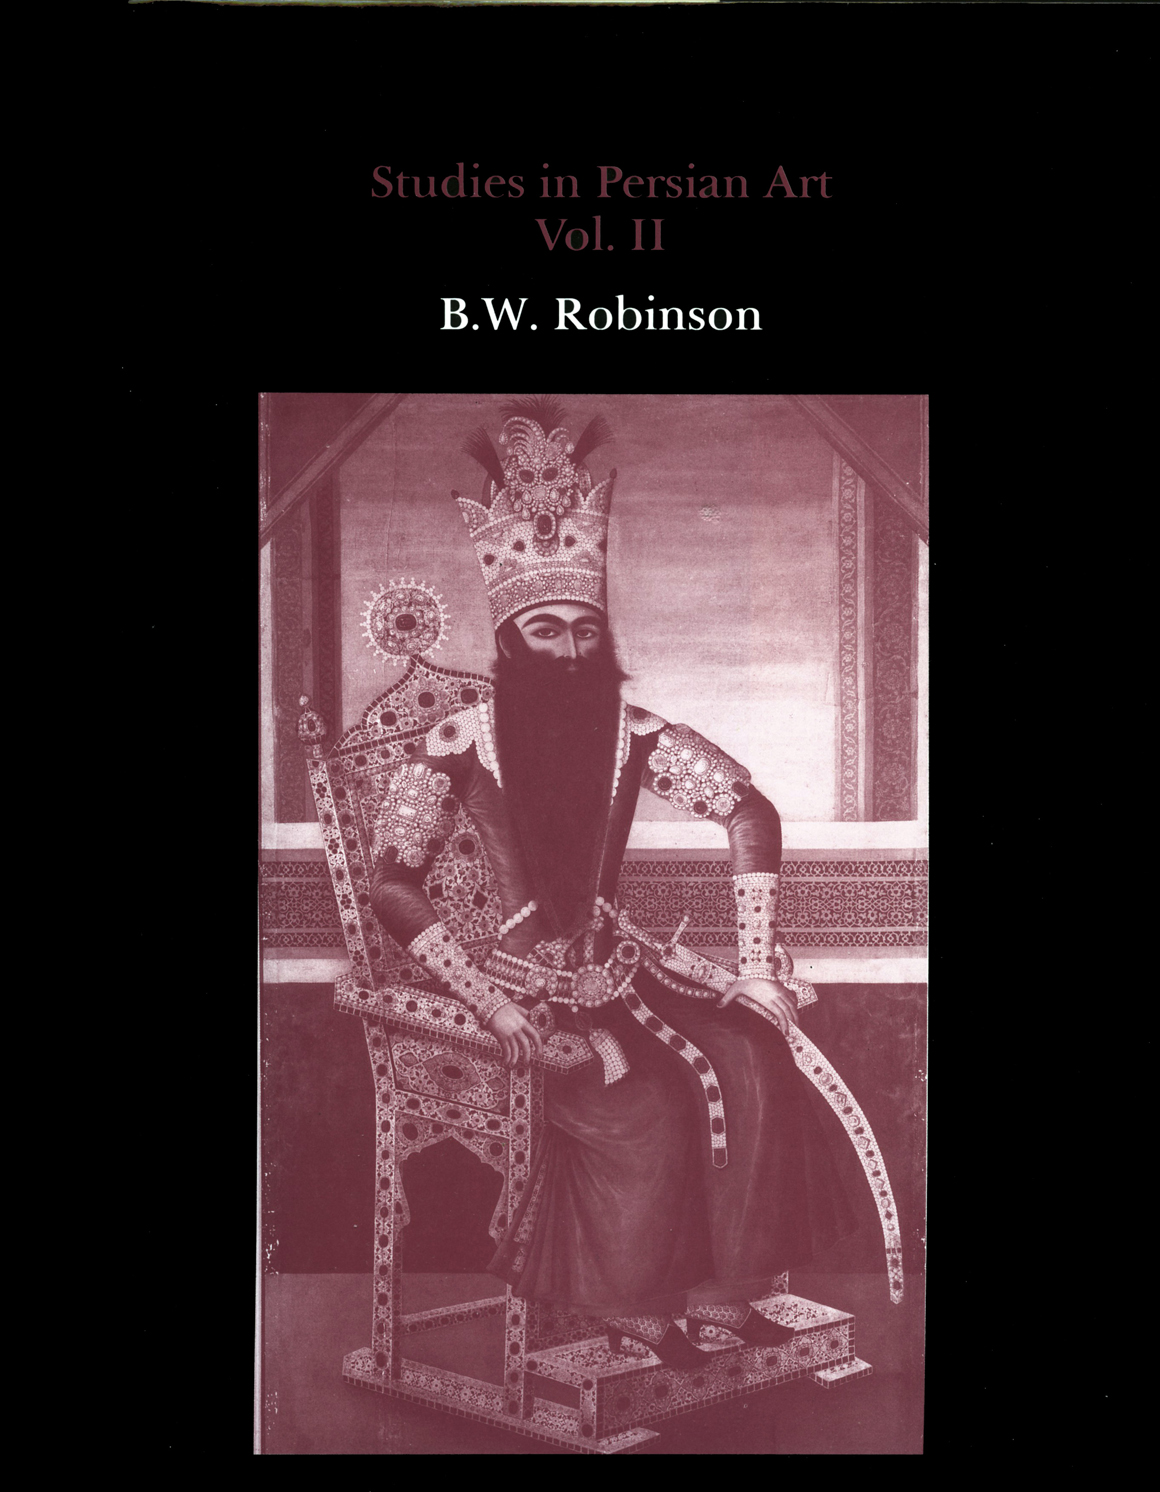 B. W. Robinson